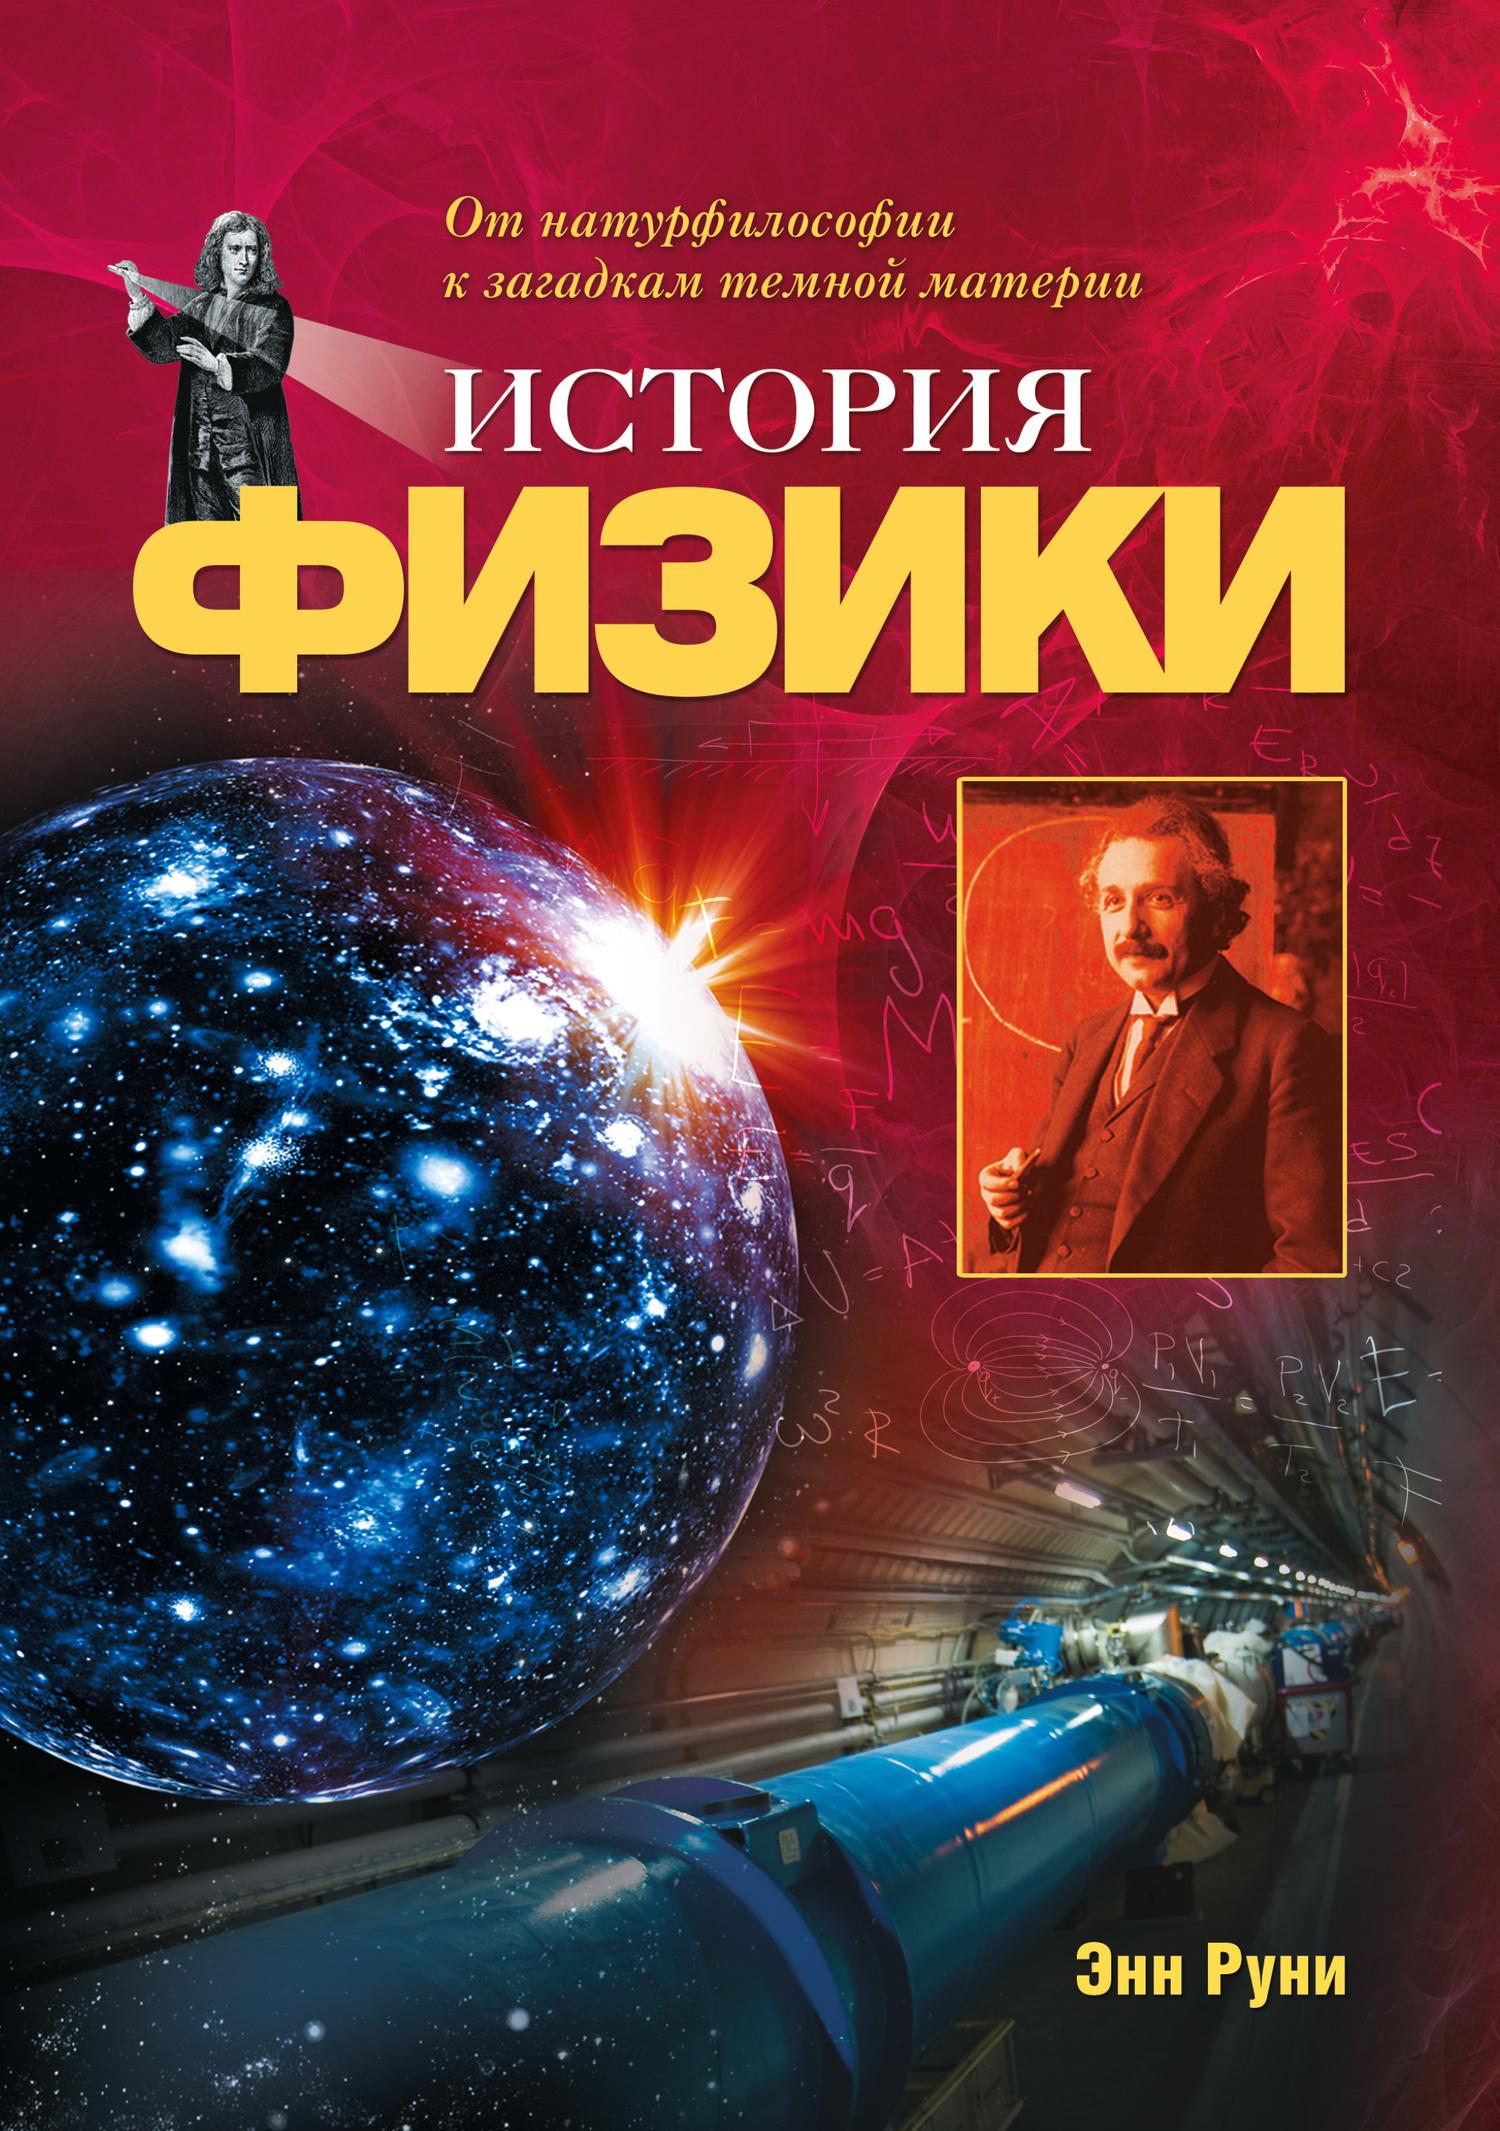 цена на Энн Руни История физики. От натурфилософии к загадкам темной материи